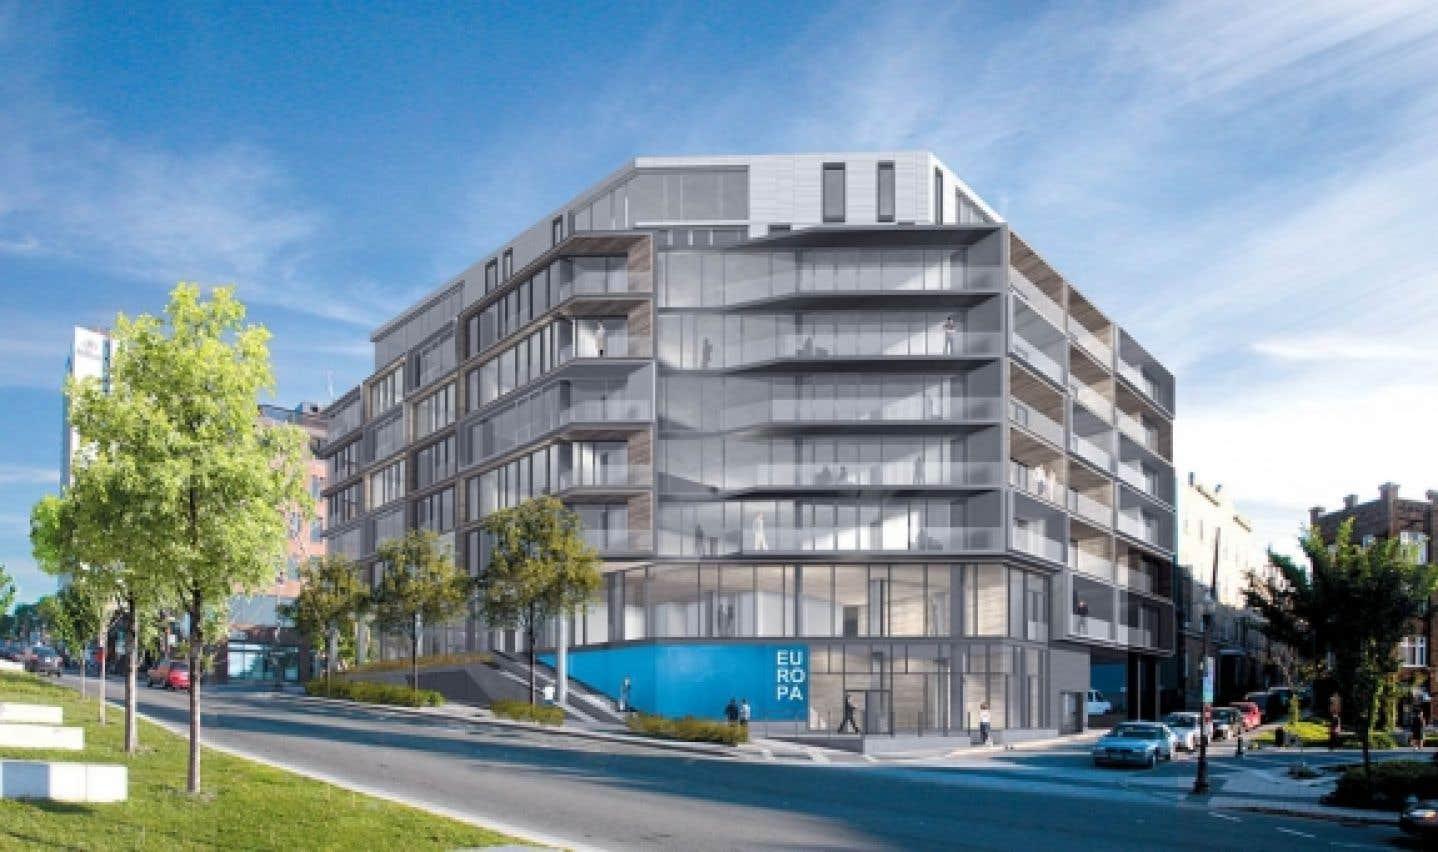 L'entreprise est dans sa deuxième phase et se concentre sur des constructions nouvelles qui prendront place sur des terrains de choix disponibles, comme celle de l'îlot d'Aiguillon, à l'entrée du Vieux-Québec.